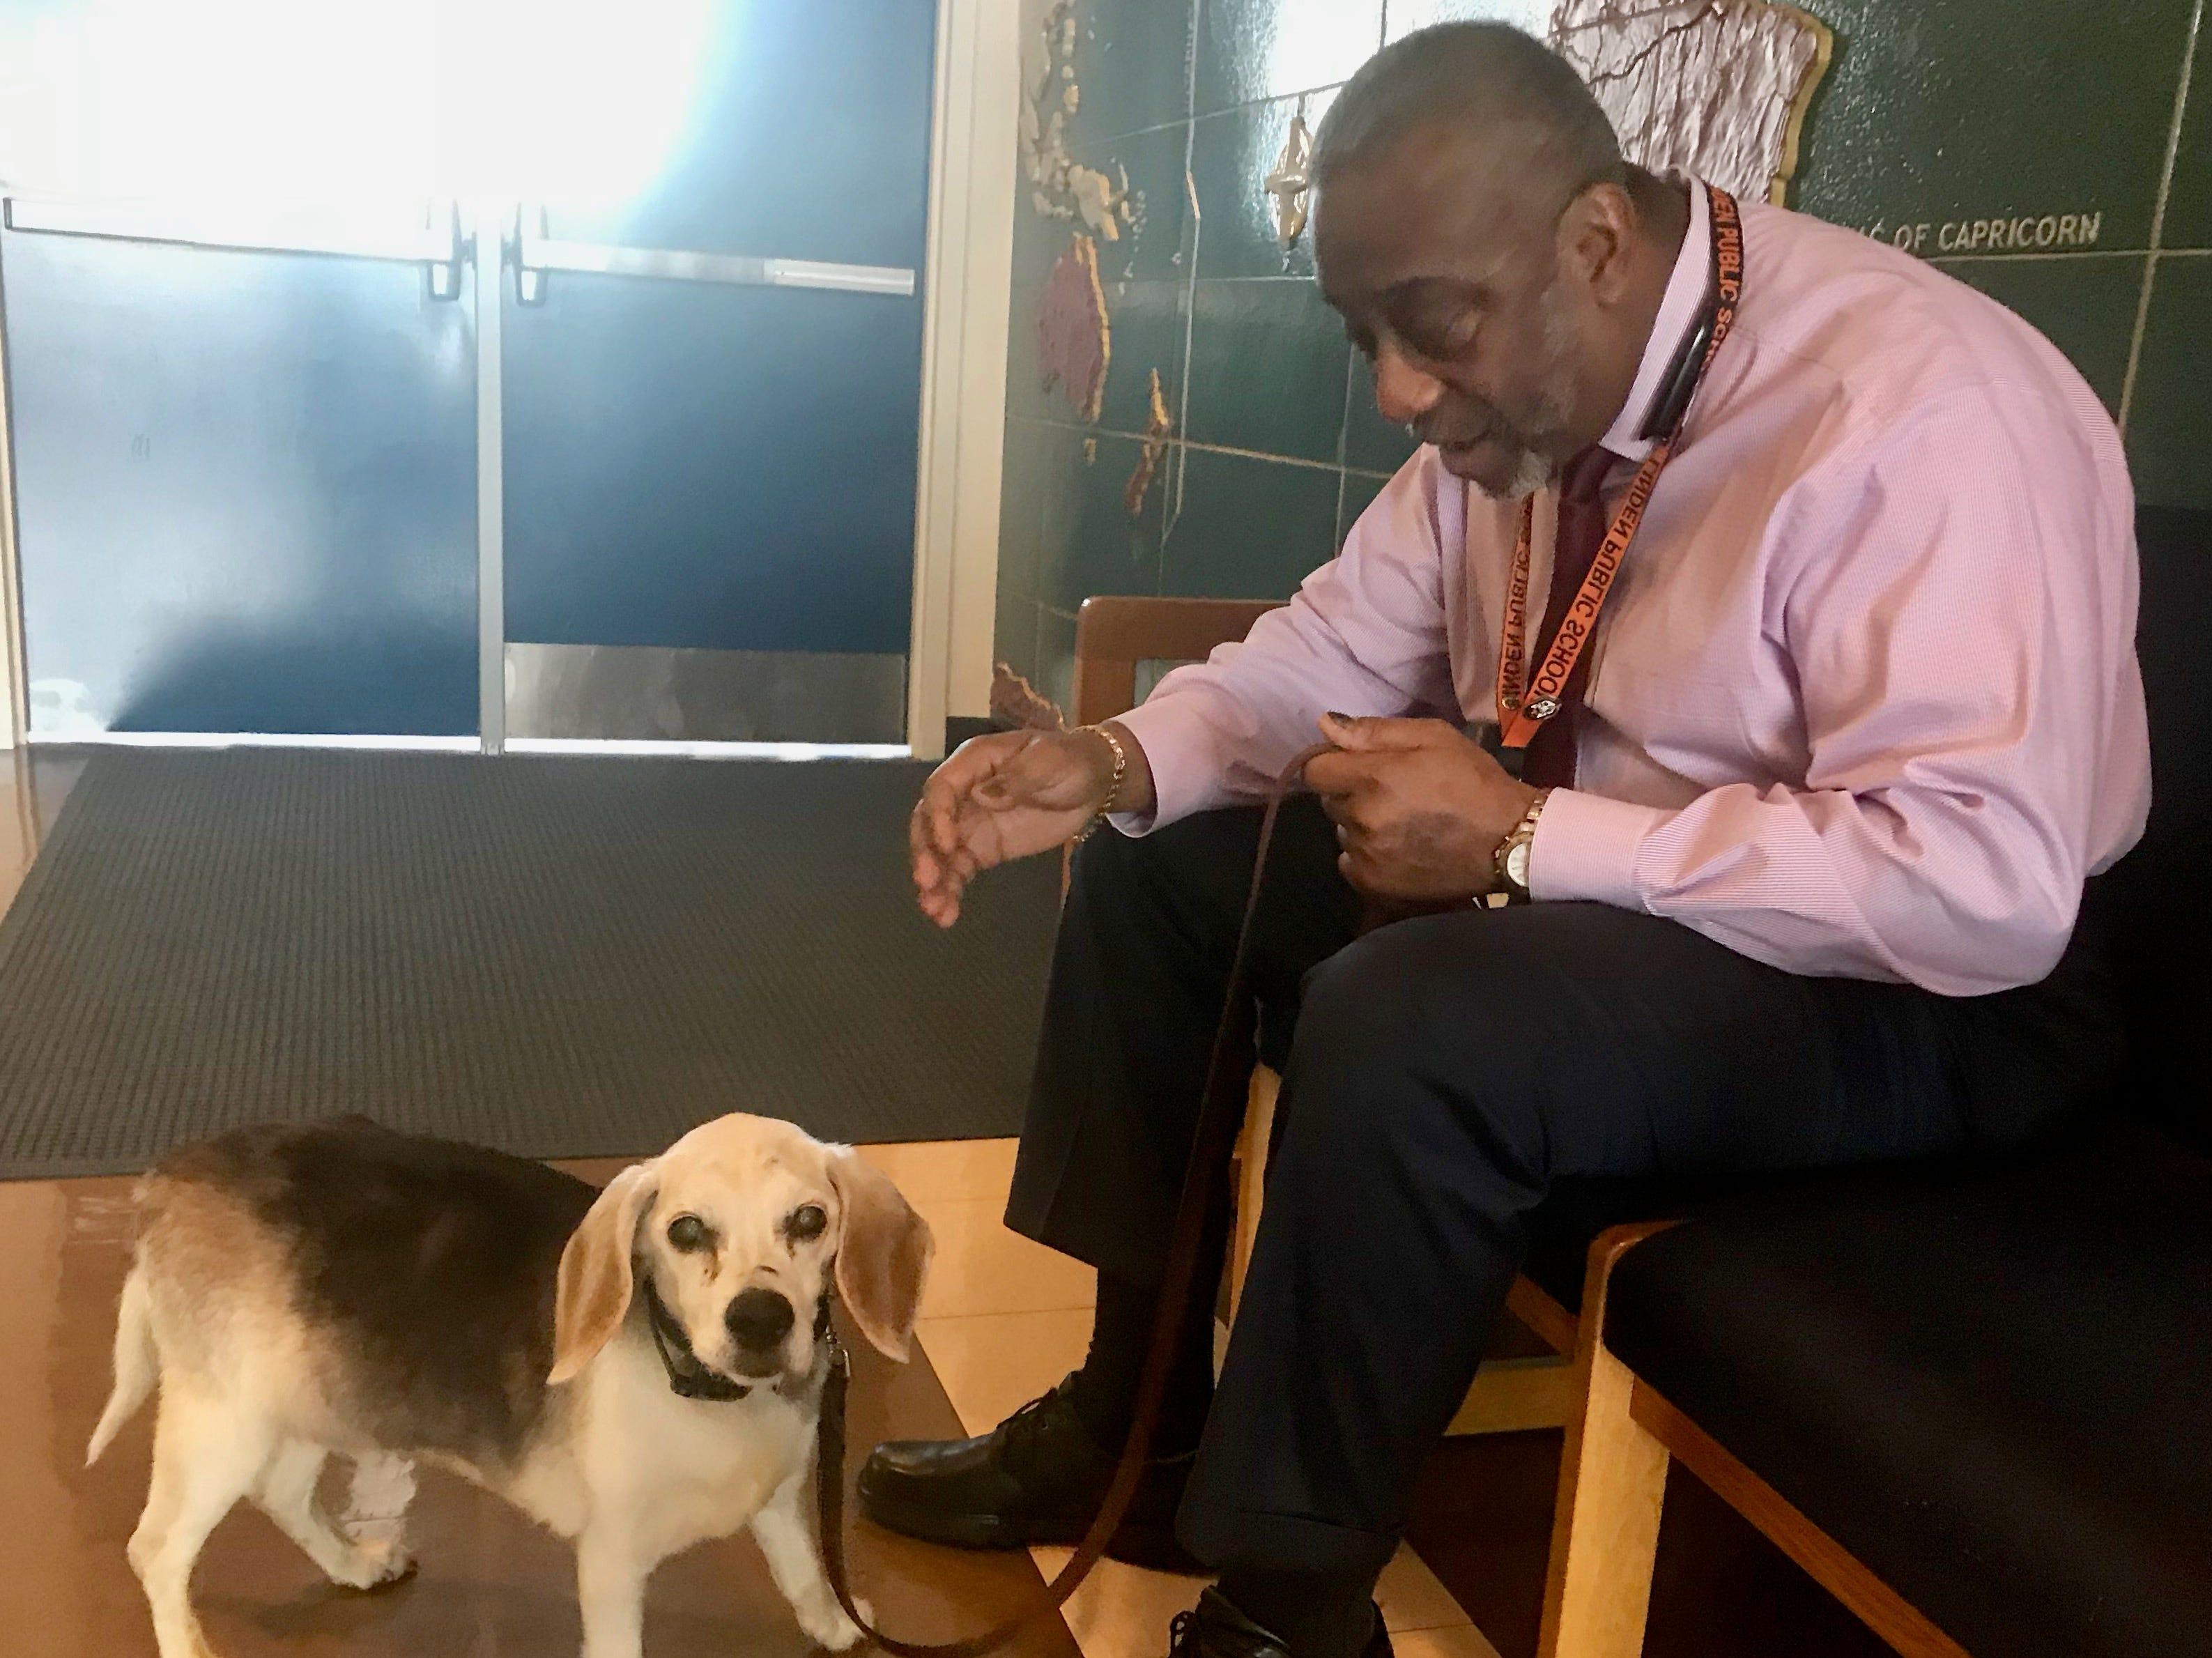 Buster with Deerfield School No. 9 Principal Larry Plummer.